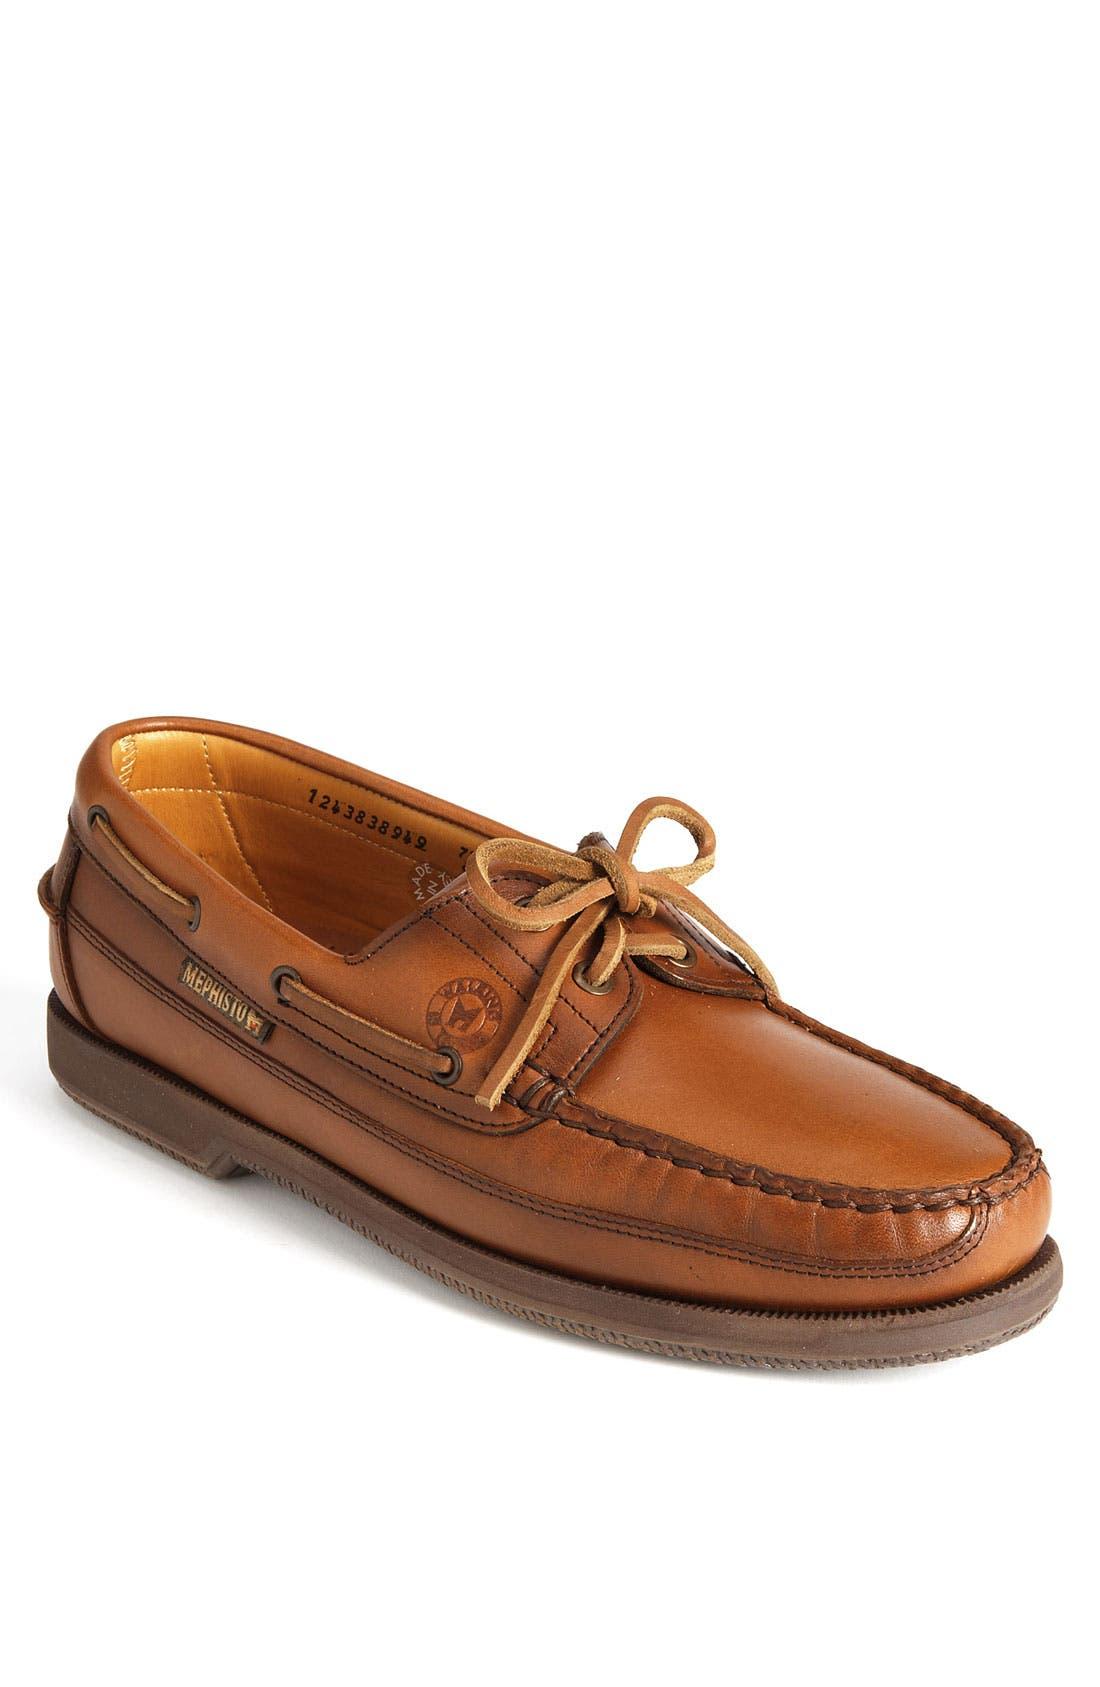 'Hurrikan' Boat Shoe, Main, color, RUST